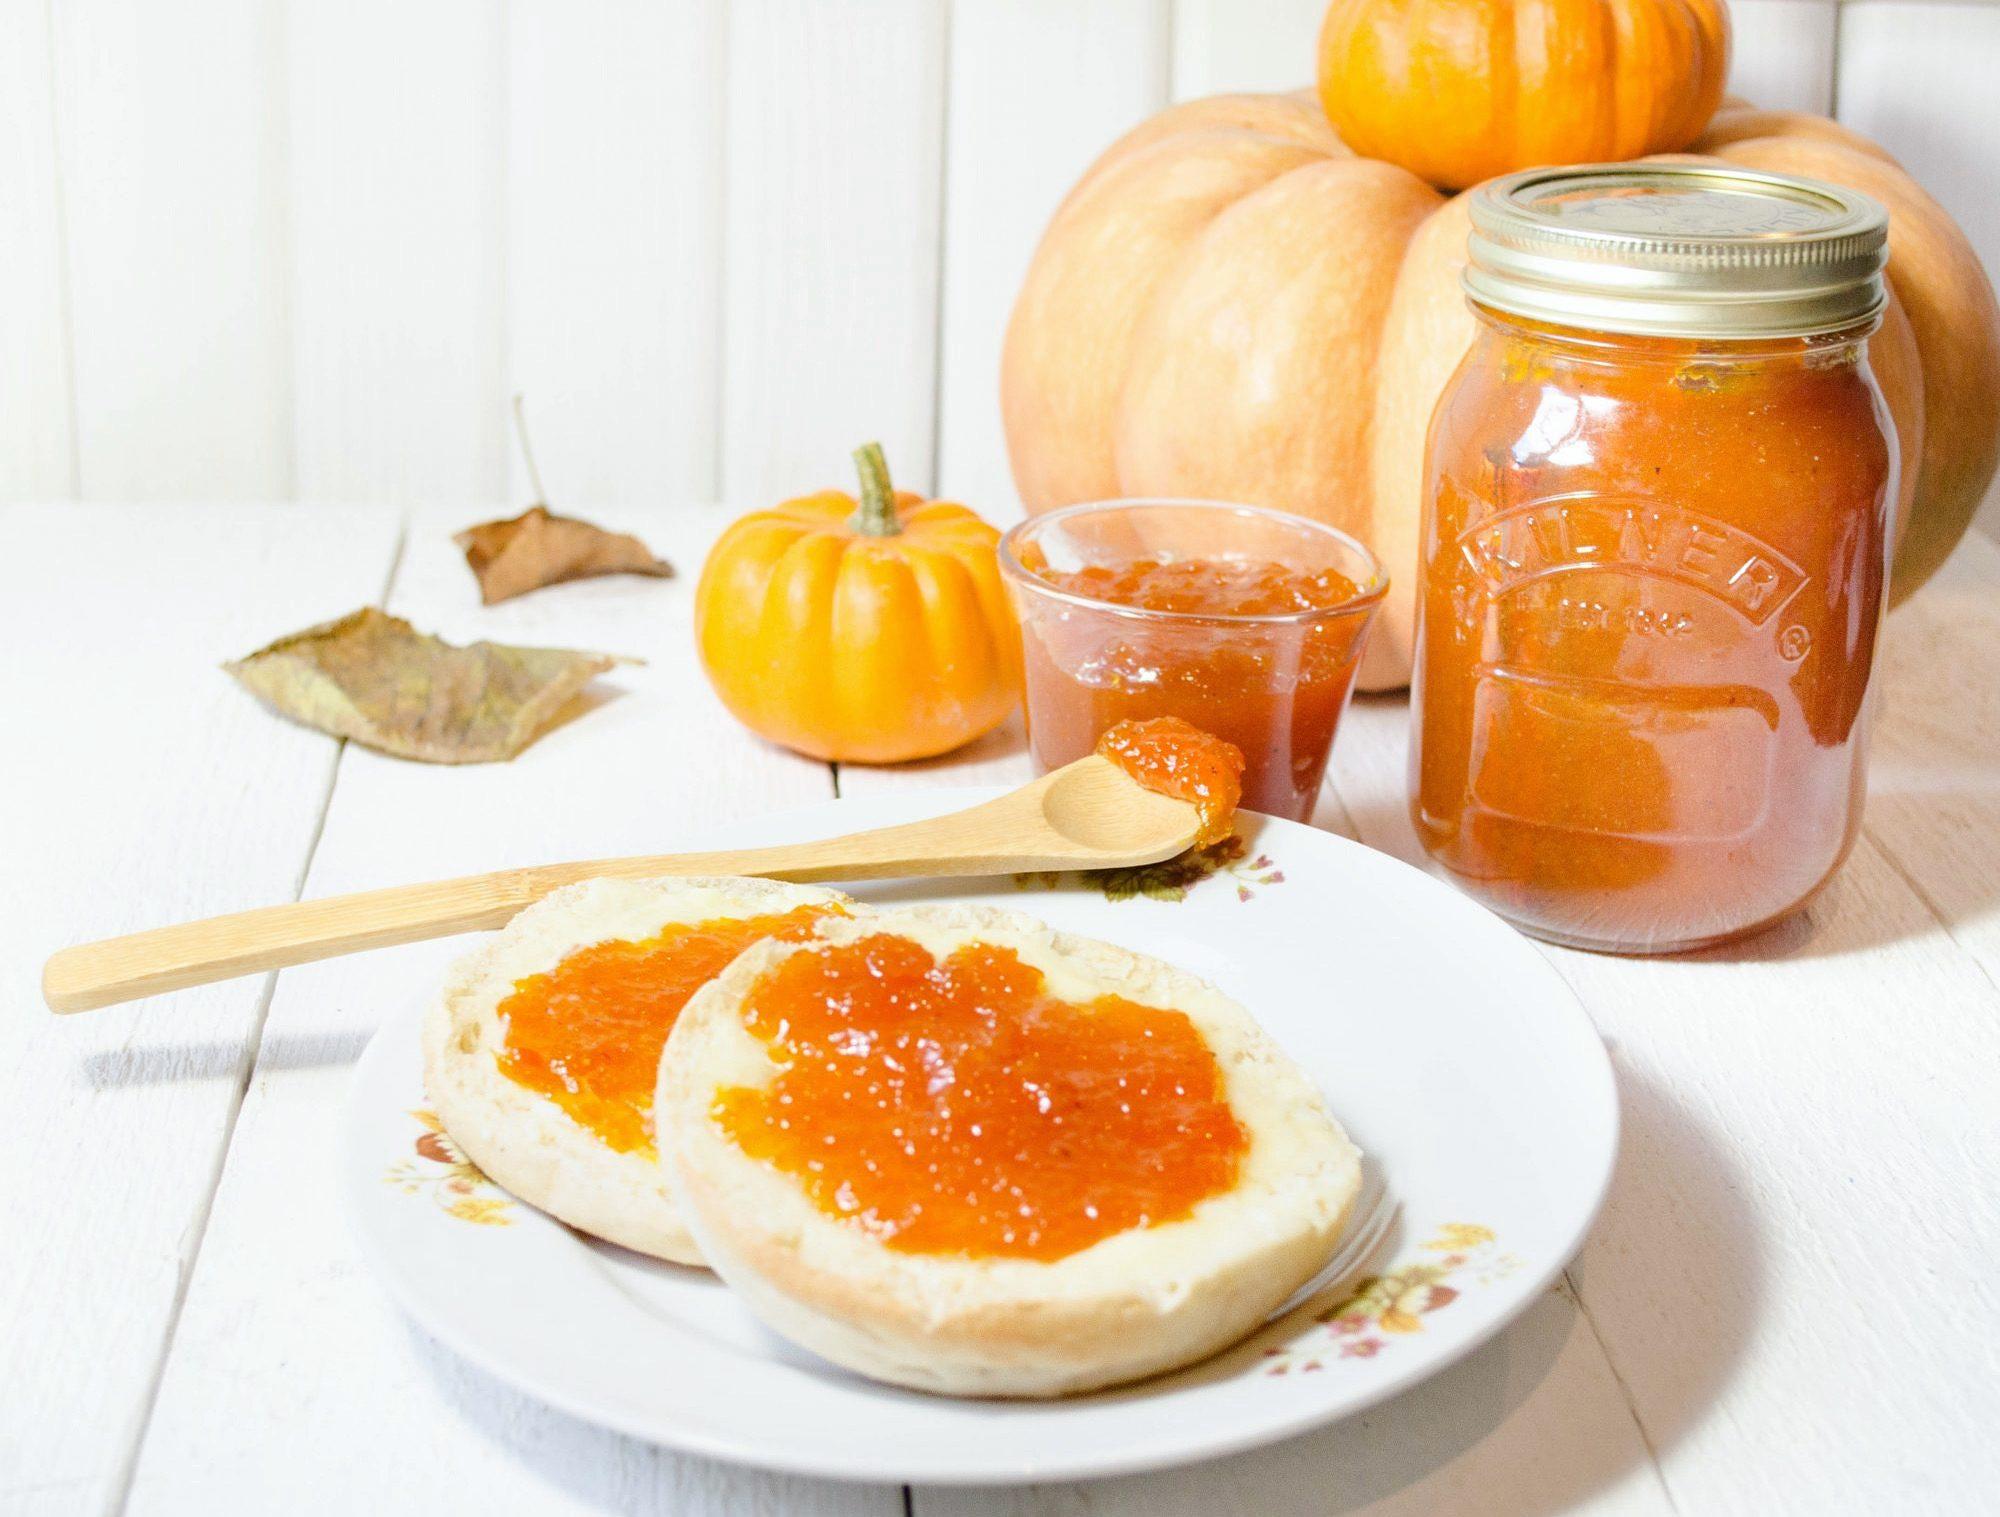 pumpkin-jam-confiture-de-citrouille-cannelle-epices-english-muffin